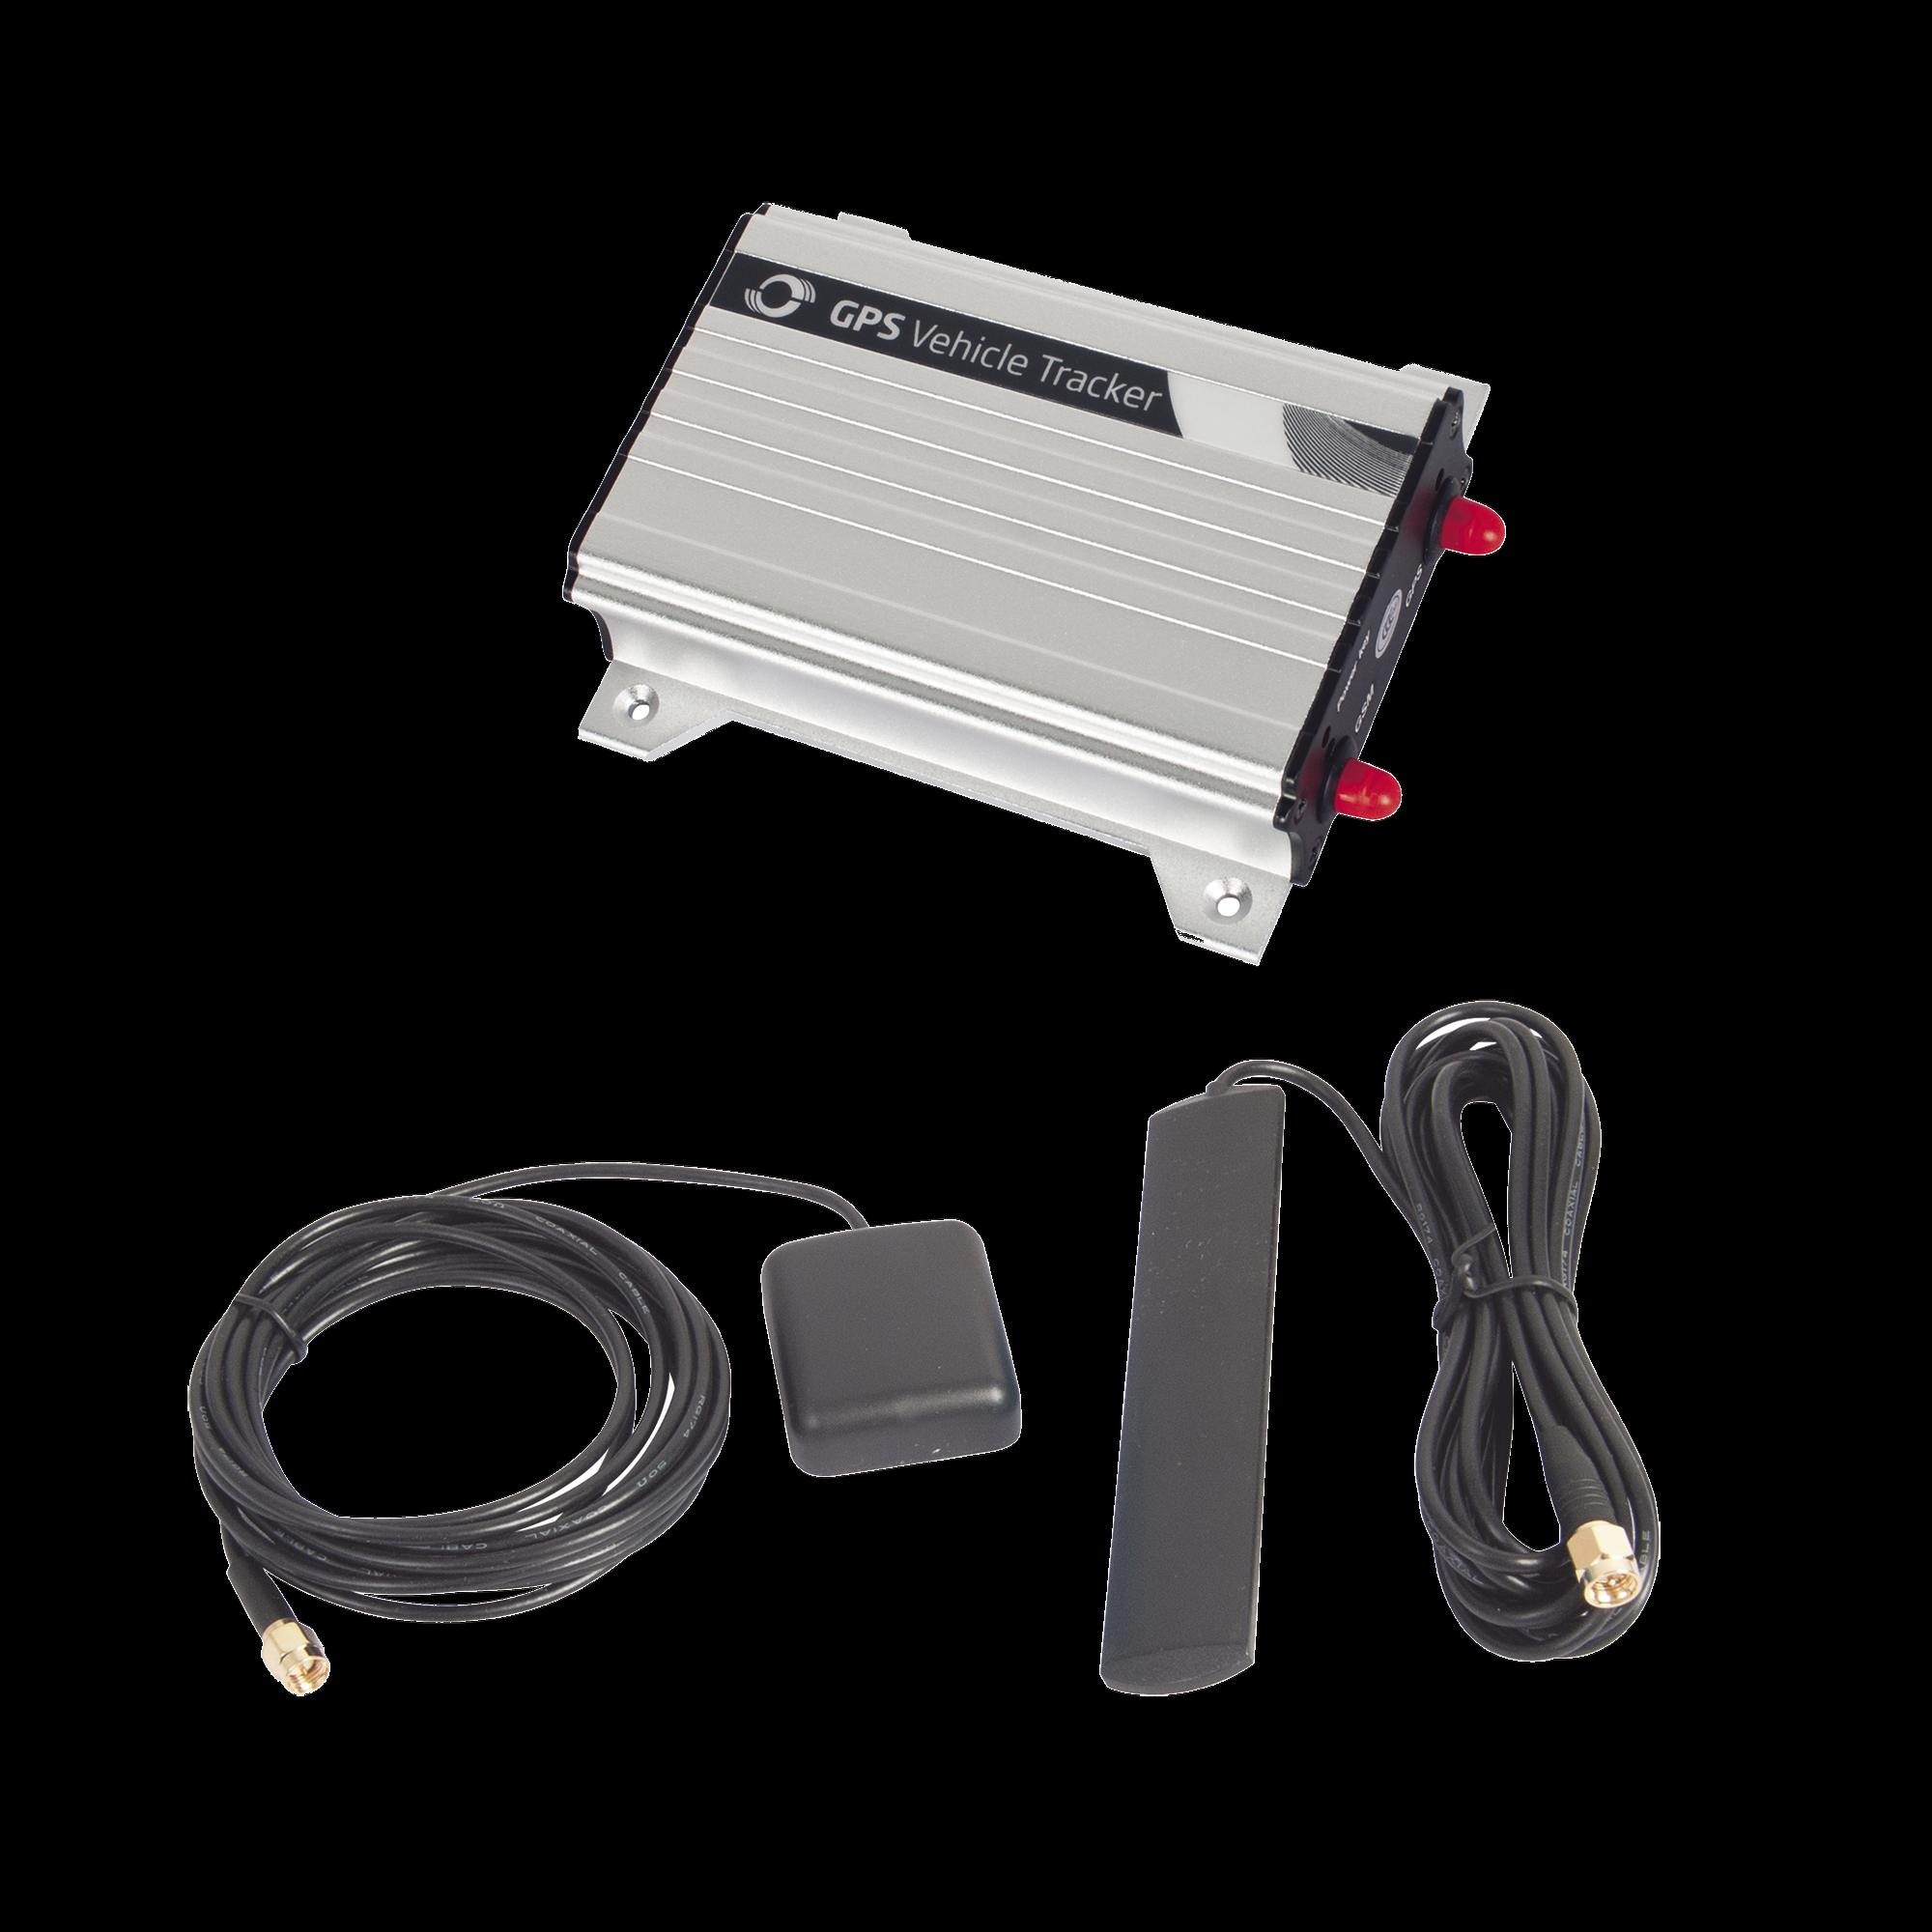 Robusto y Confiable Localizador Vehicular 3G Con Antenas Externas, múltiples entradas y salidas (opción para audio bidireccional y cámara fotográfica), Carcasa de Aluminio para Lugares Con Altas Temperaturas.